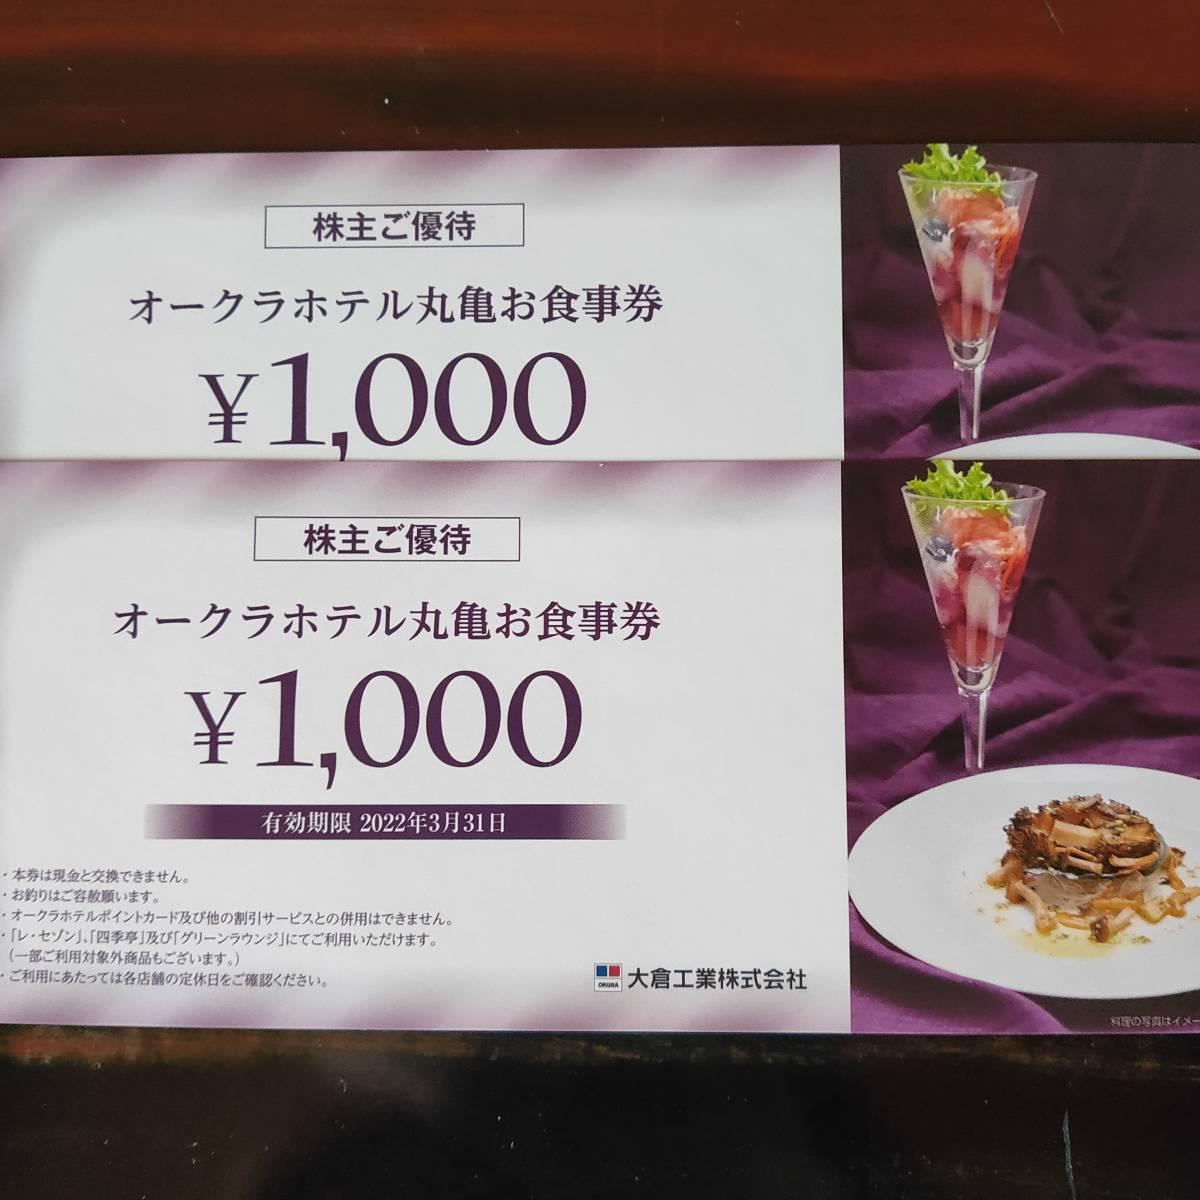 オークラホテル丸亀 株主優待 お食事券 2000円分 大倉工業 株主優待券_画像1